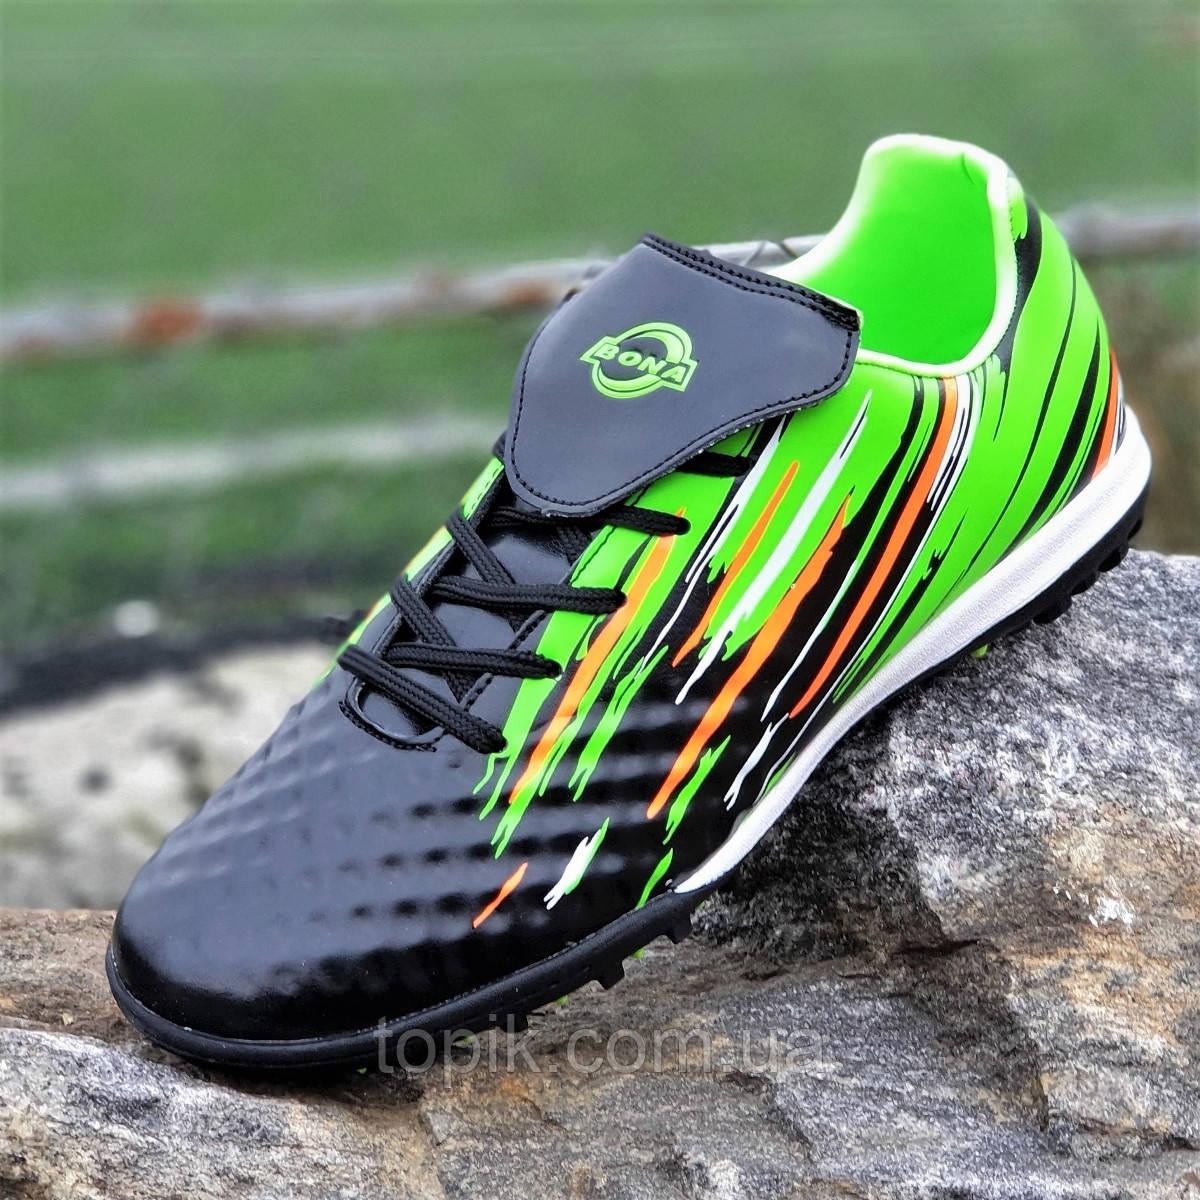 Подростковые сороконожки, бампы, кроссовки для футбола на мальчика черные зеленые удобные (Код: 1387)